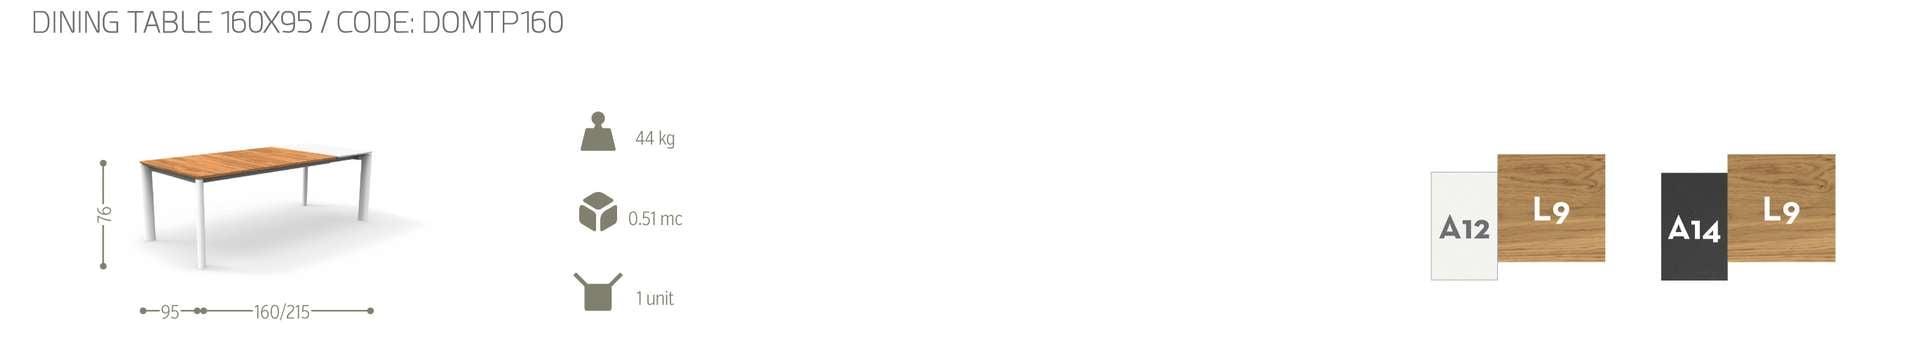 tavolo domino talenti cm 95x160-215